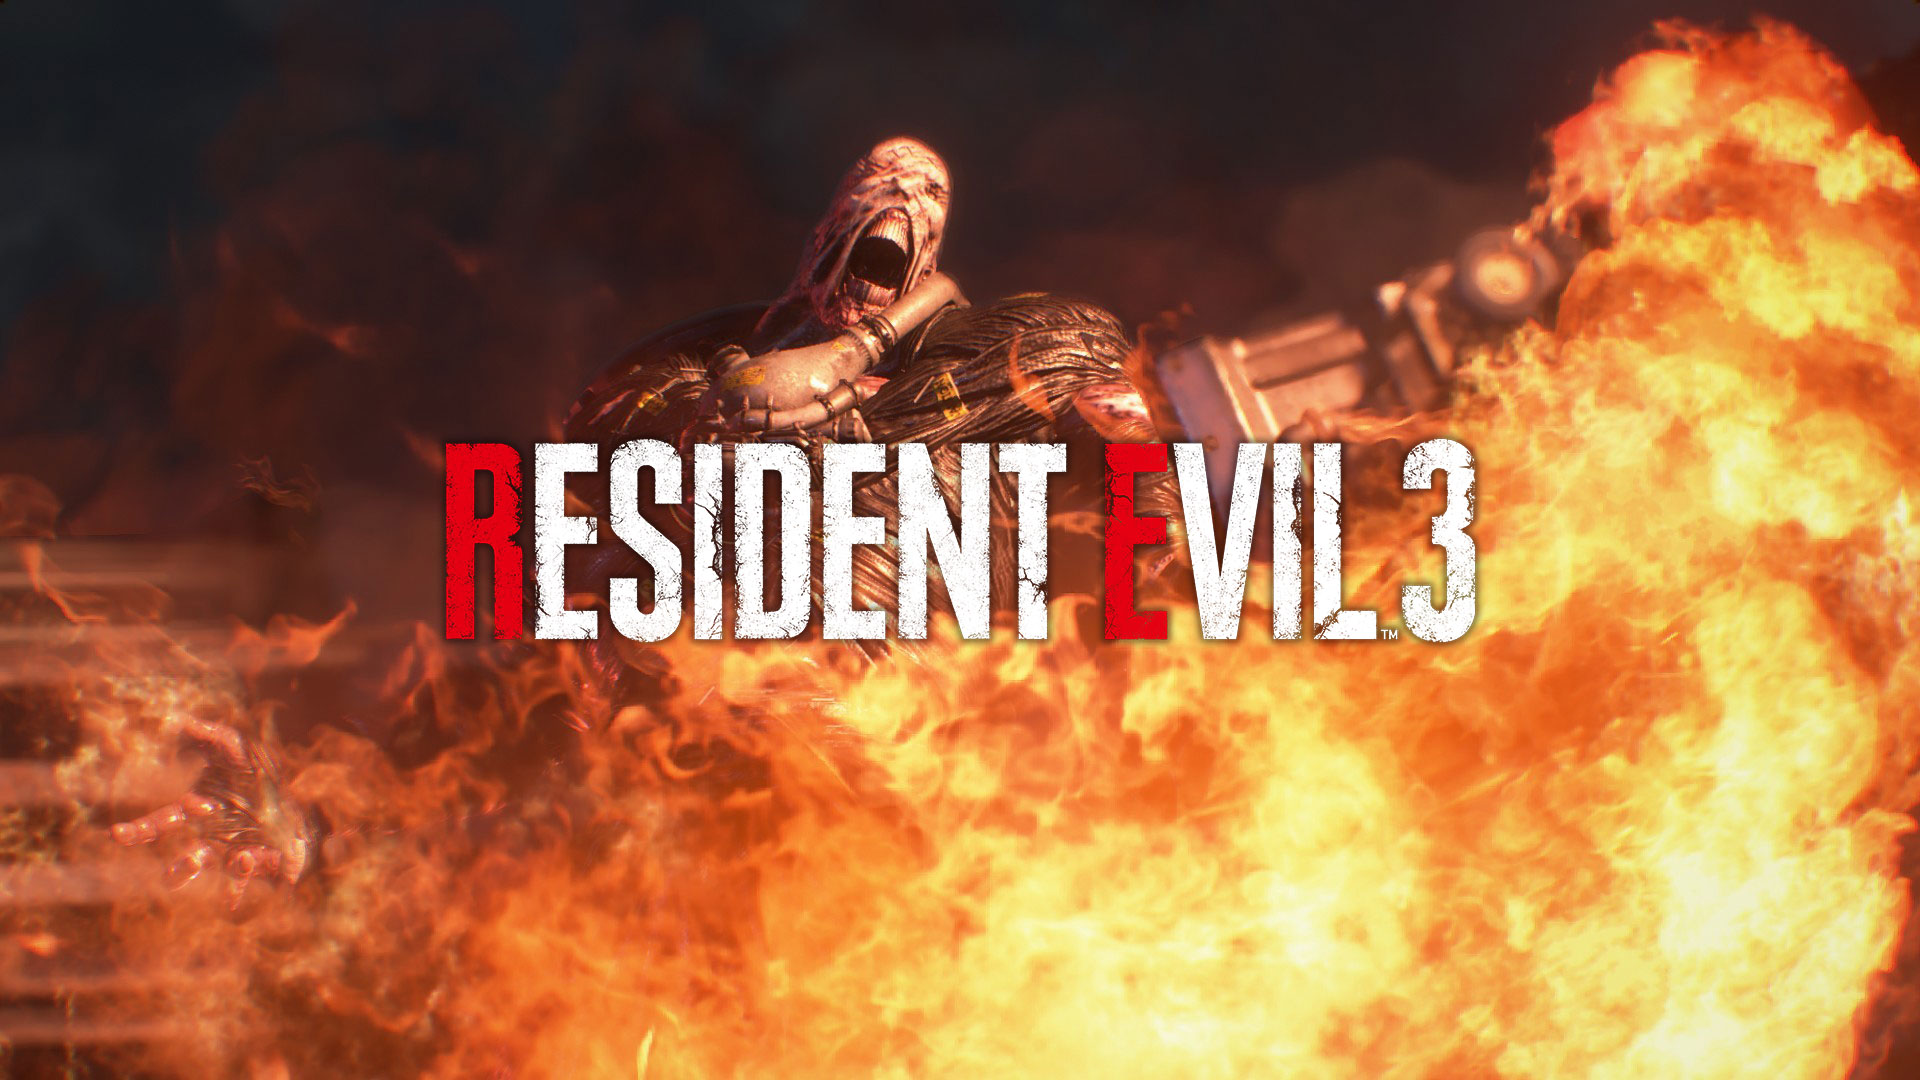 Oficjalna zapowiedź remake Resident Evil 3 - wygląda świetnie! 16